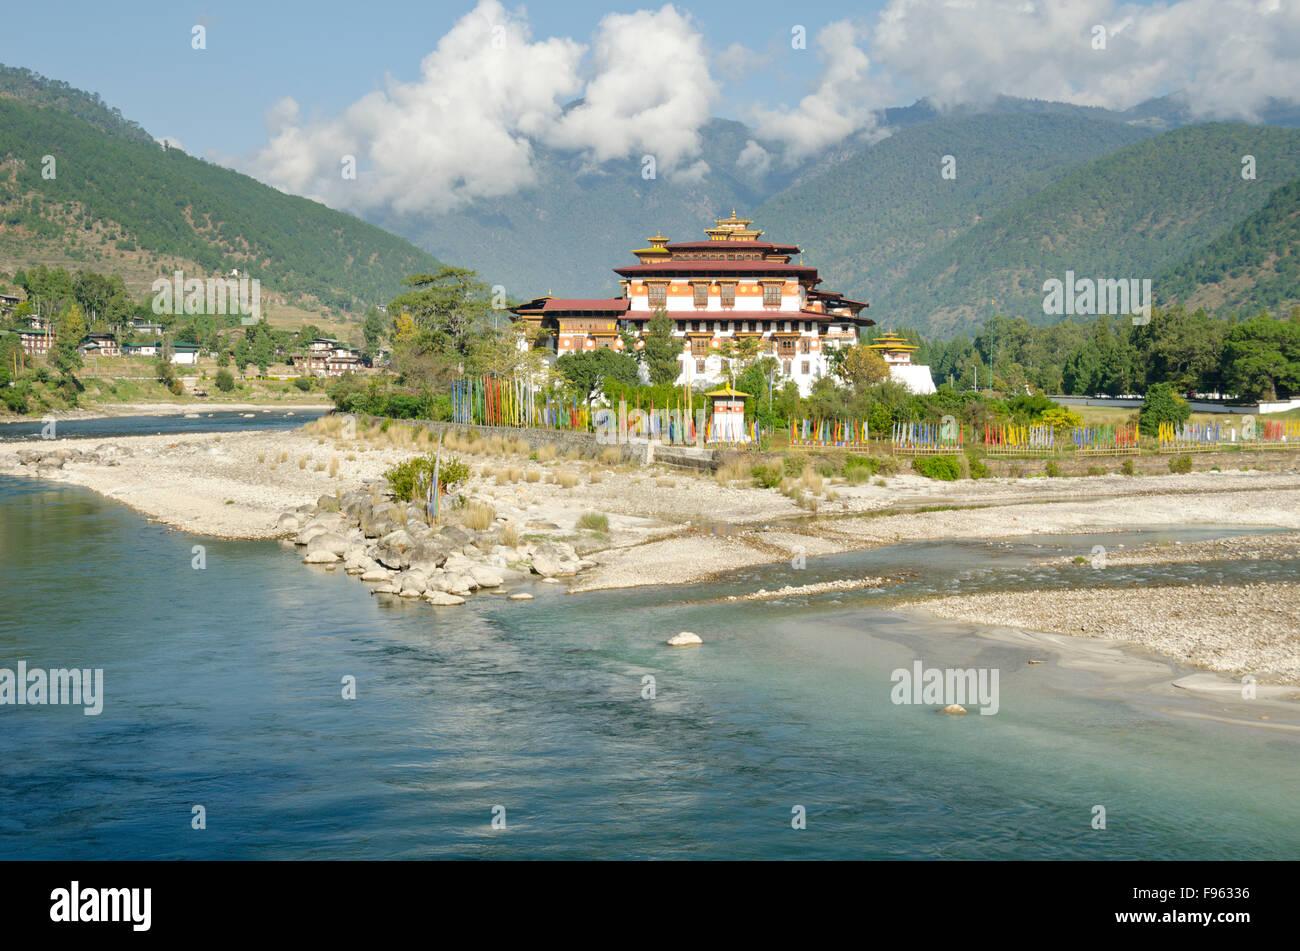 Punakha Dzong near Punakha, Bhutan - Stock Image